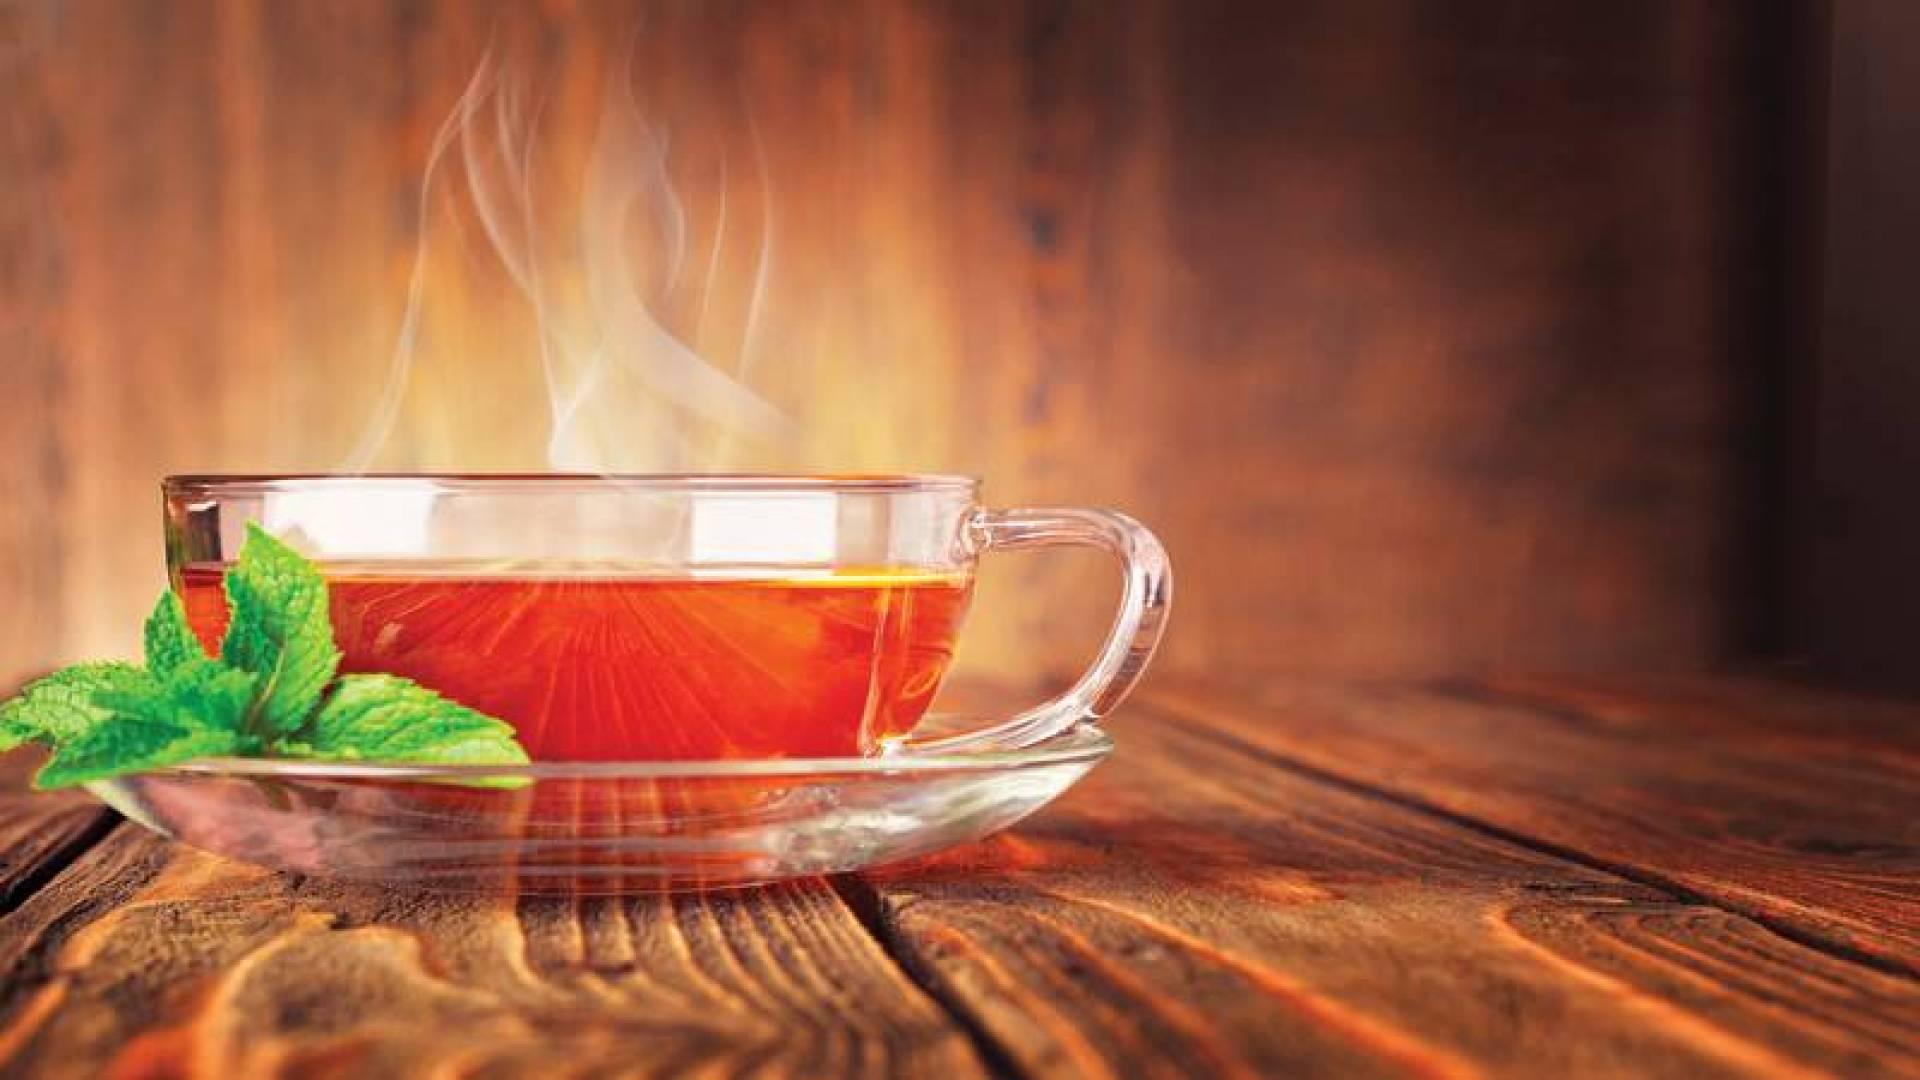 الشاي.. يحمي من السكتة الدماغية وأمراض القلب الفتاكة